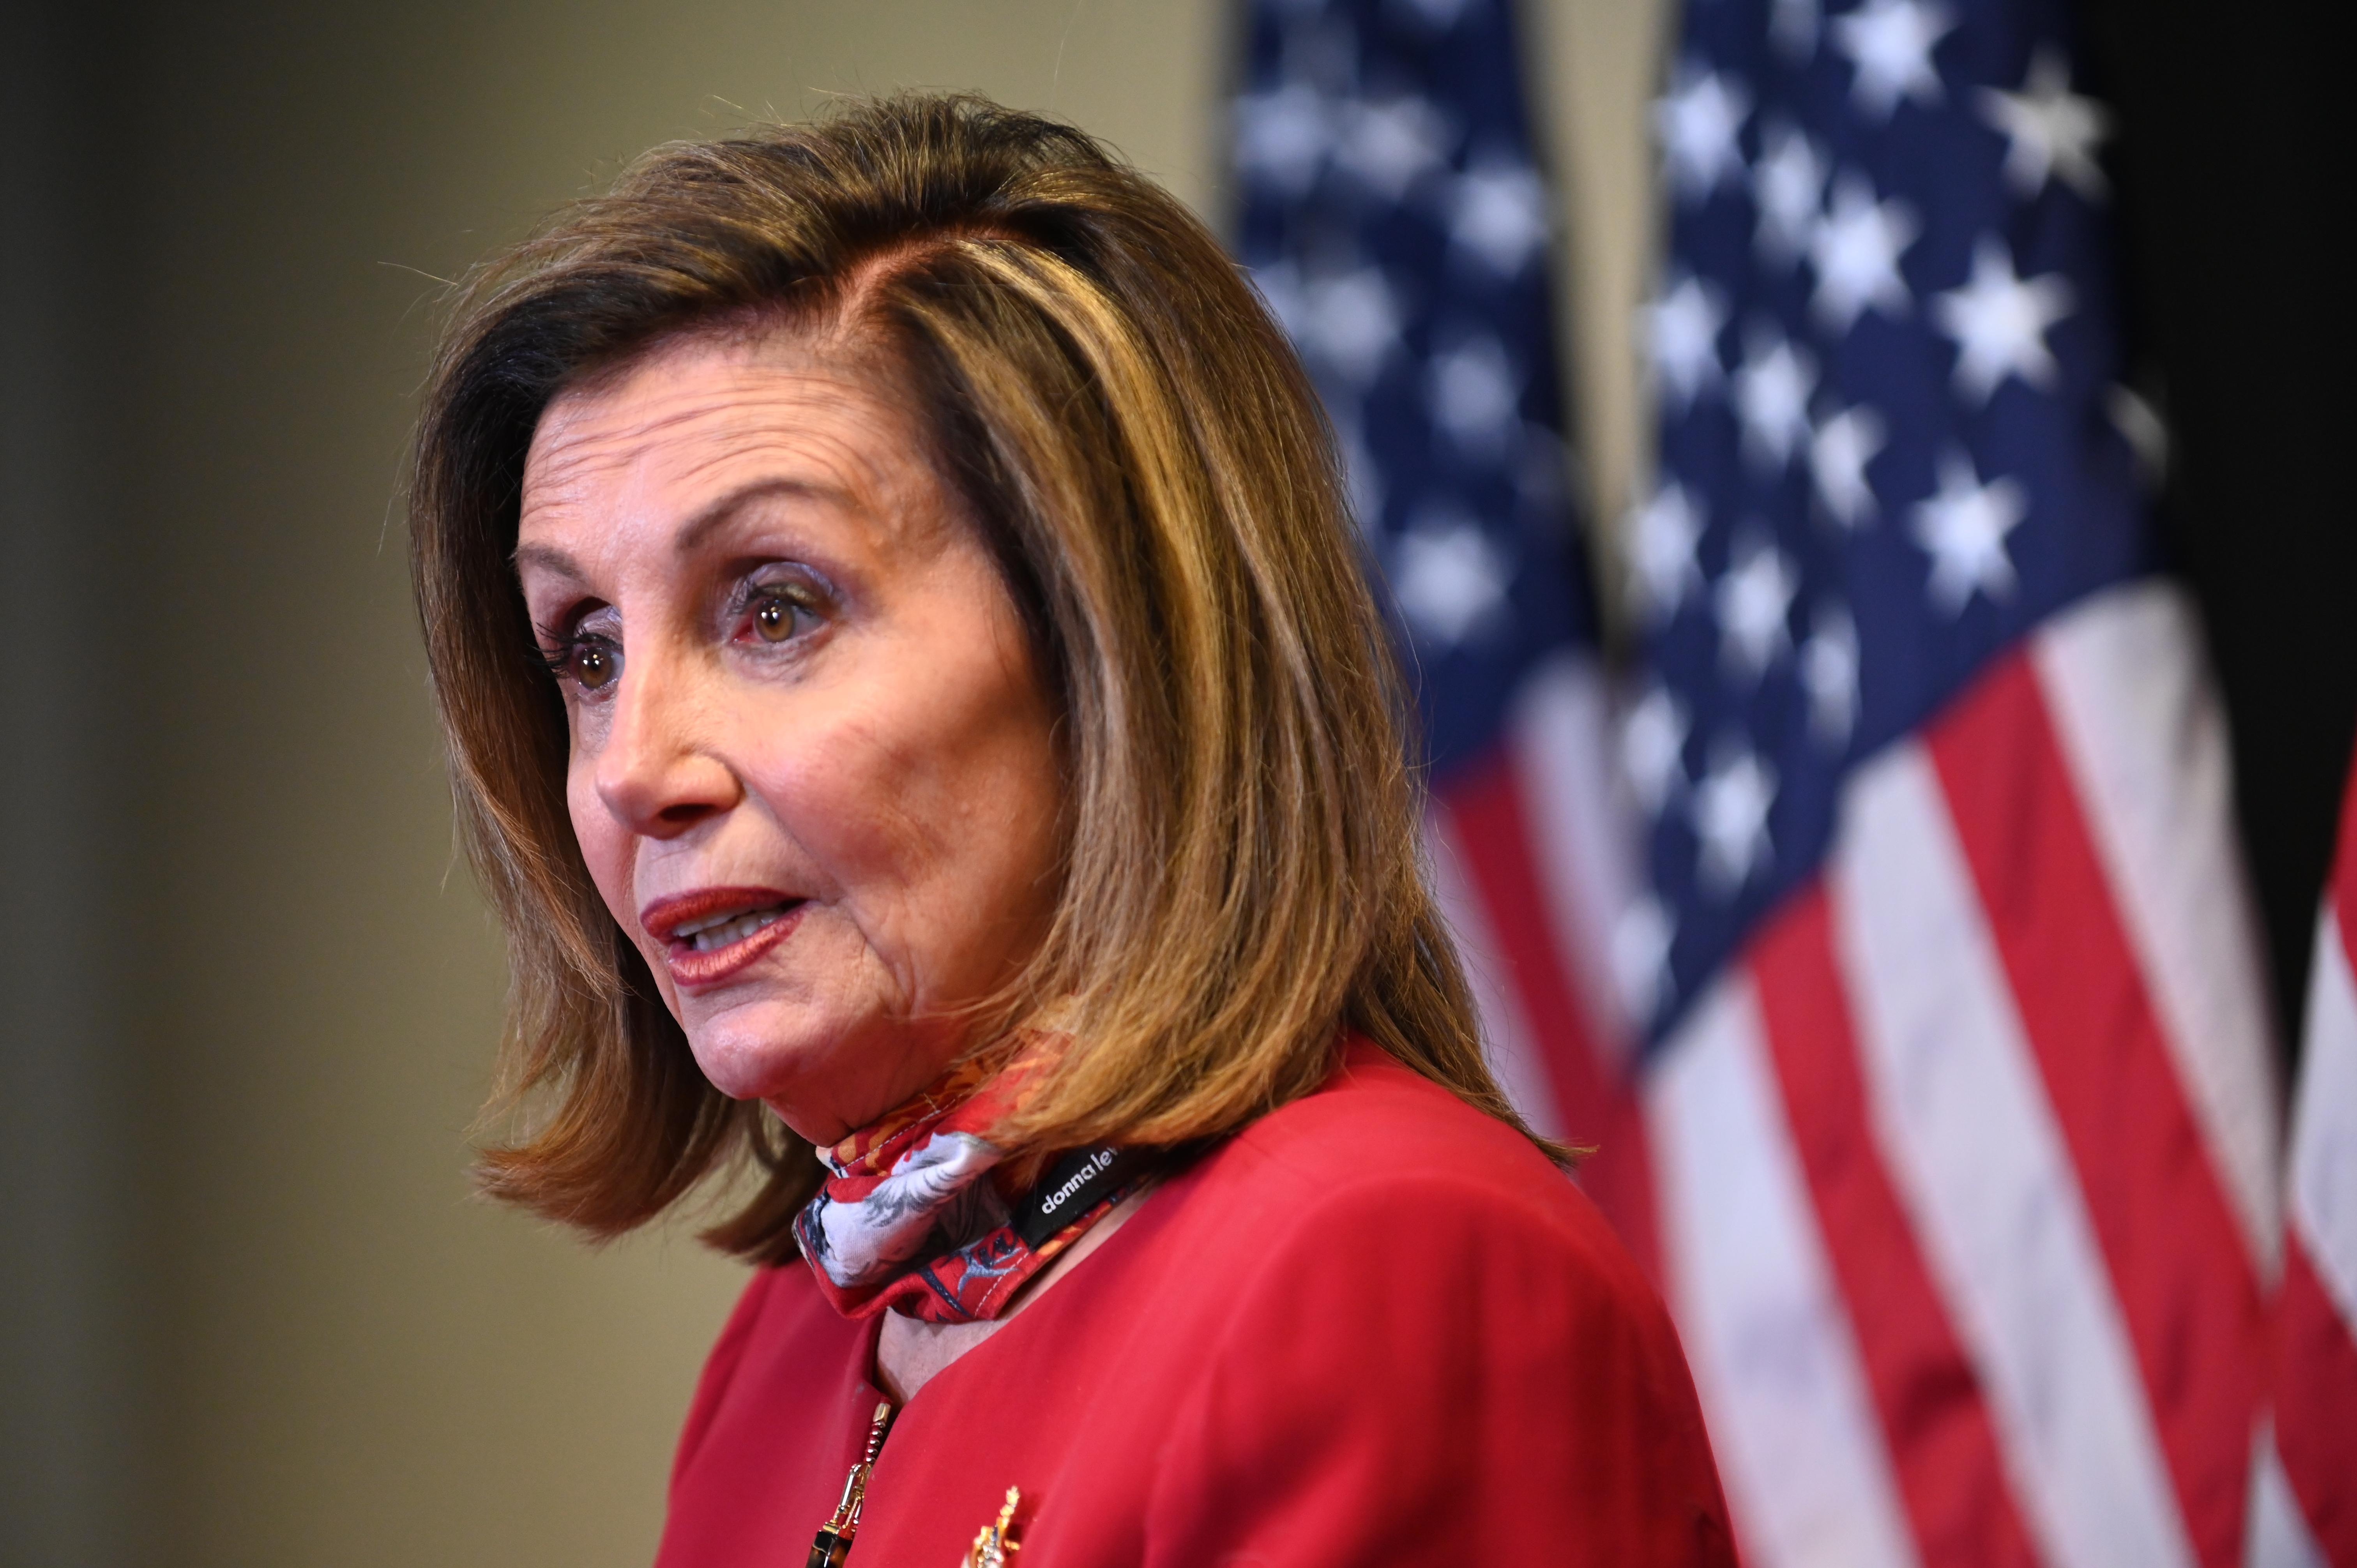 Nancy Pelosi: Az alelnök váltsa le Trumpot a 25. alkotmánykiegészítés alapján, vagy jöhet az újabb impeachment